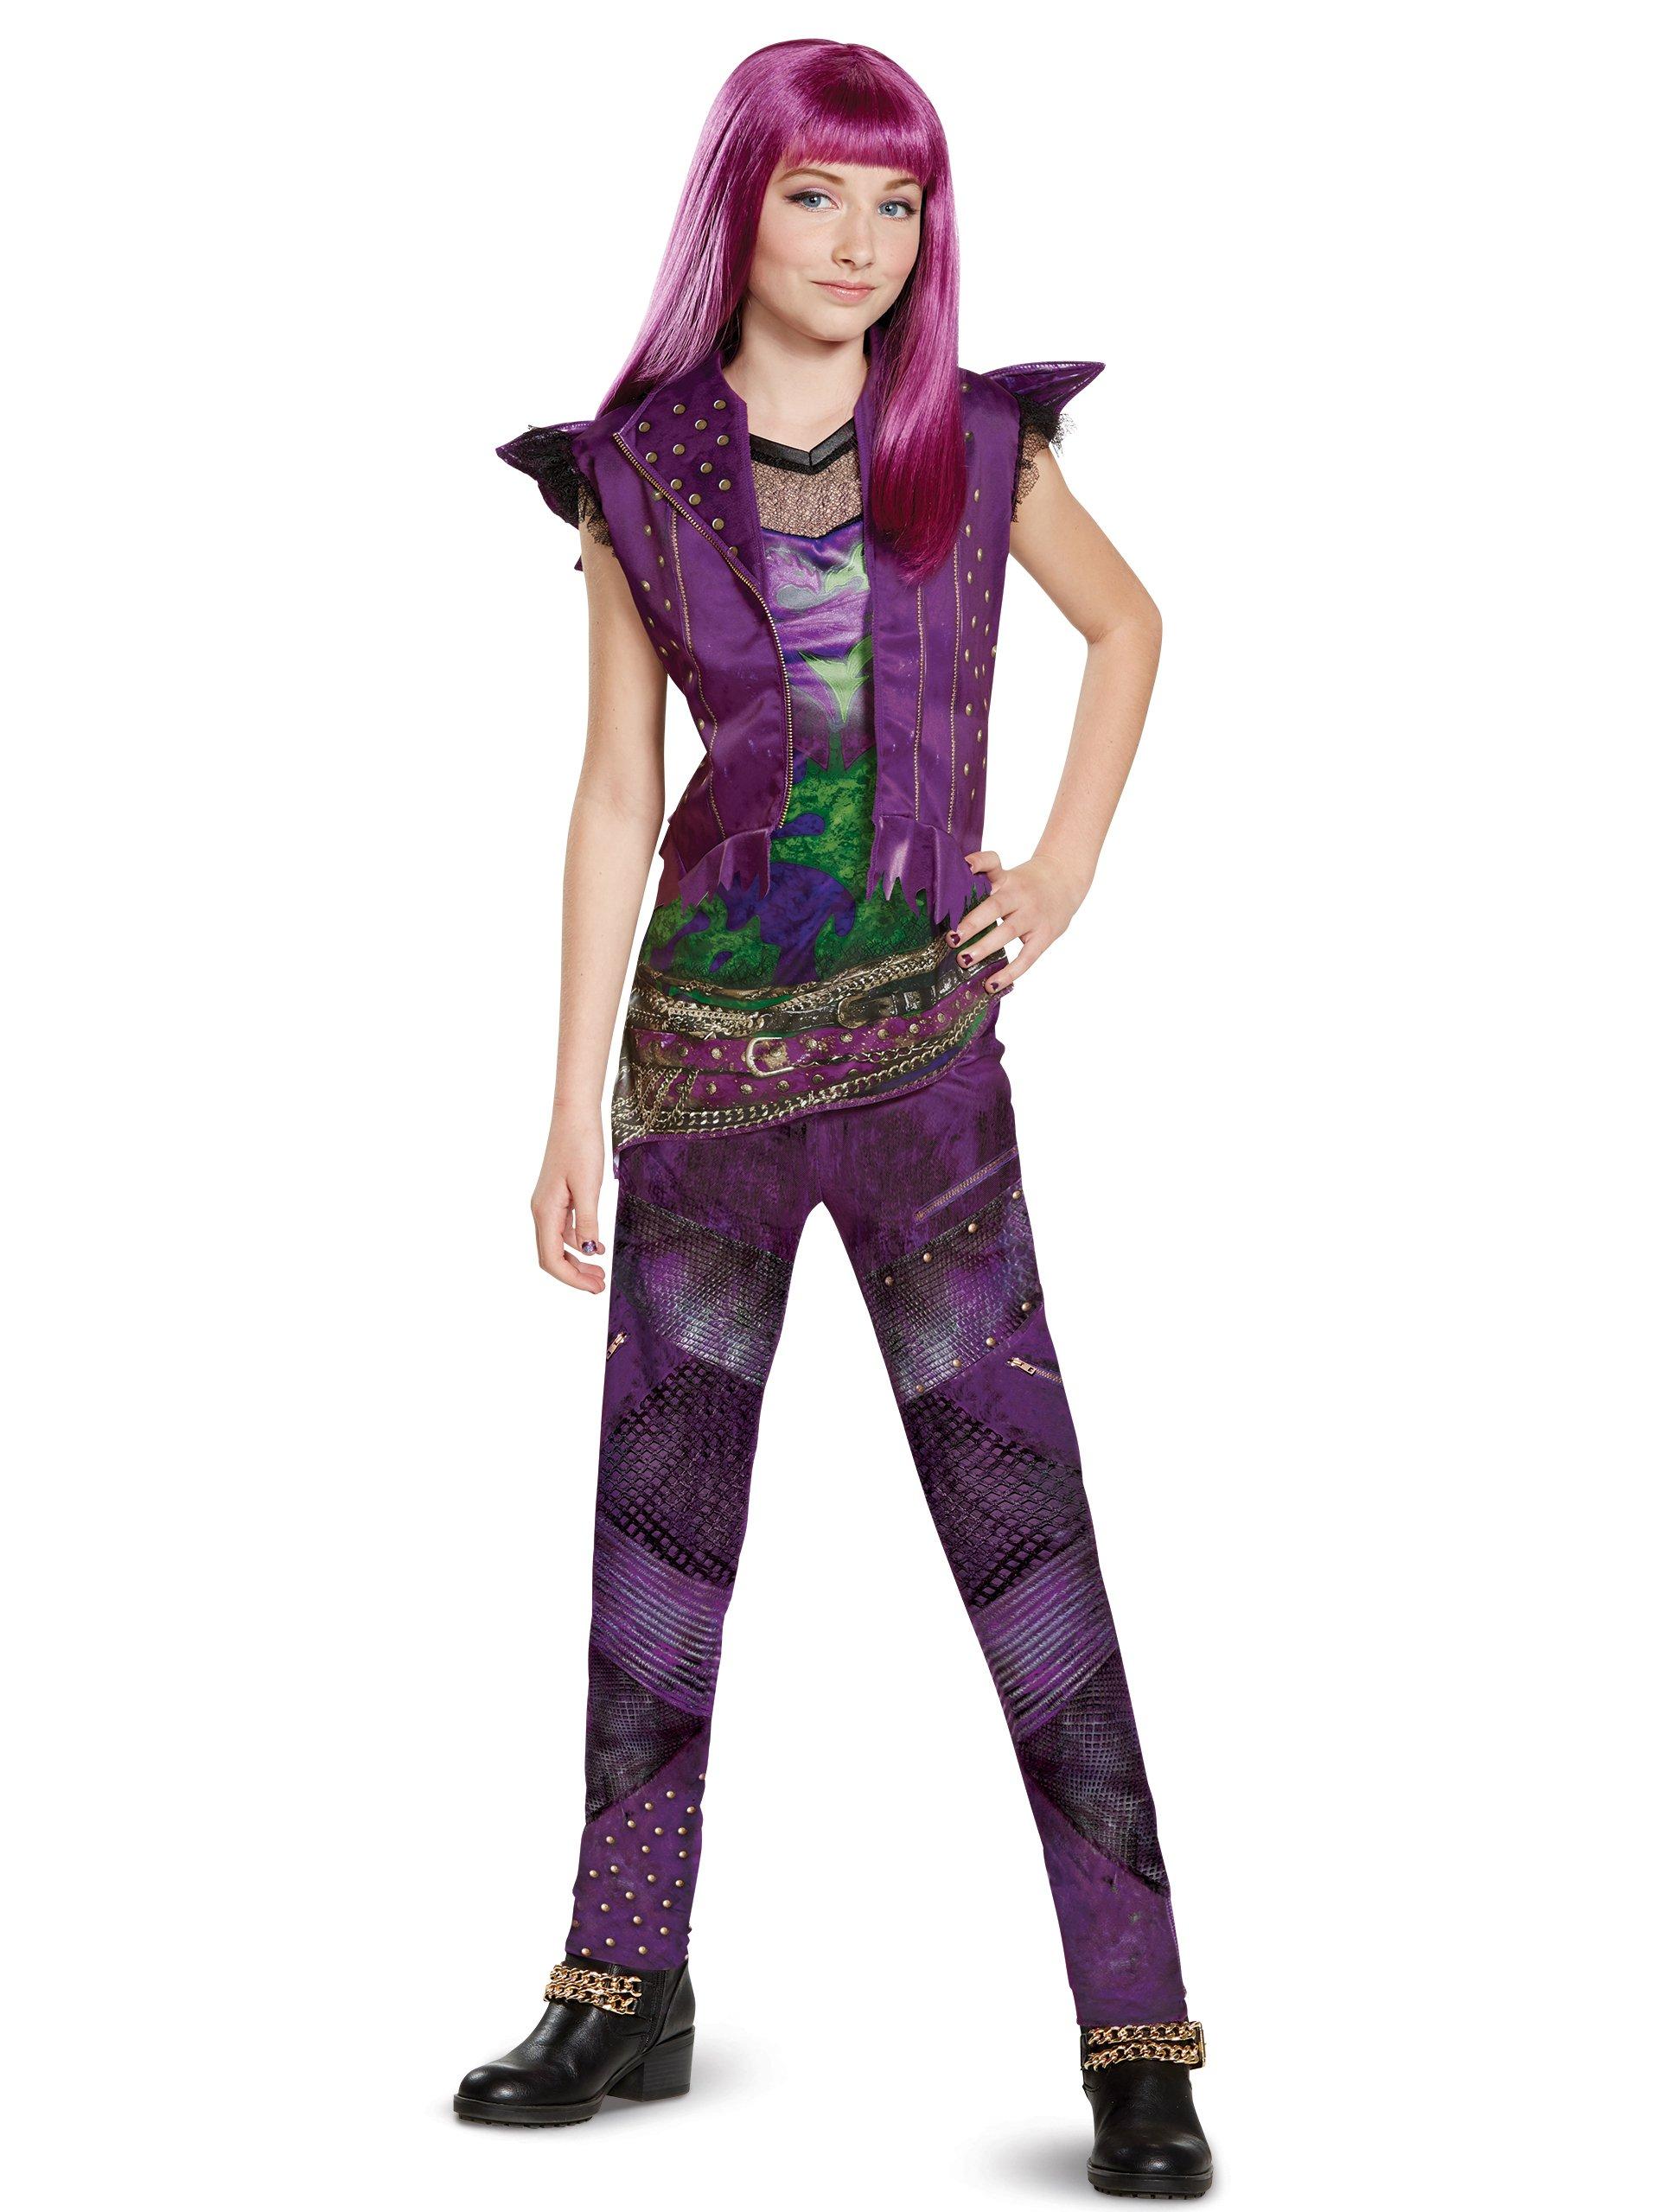 Disguise Mal Classic Descendants 2 Costume, Purple, Small (4-6X)